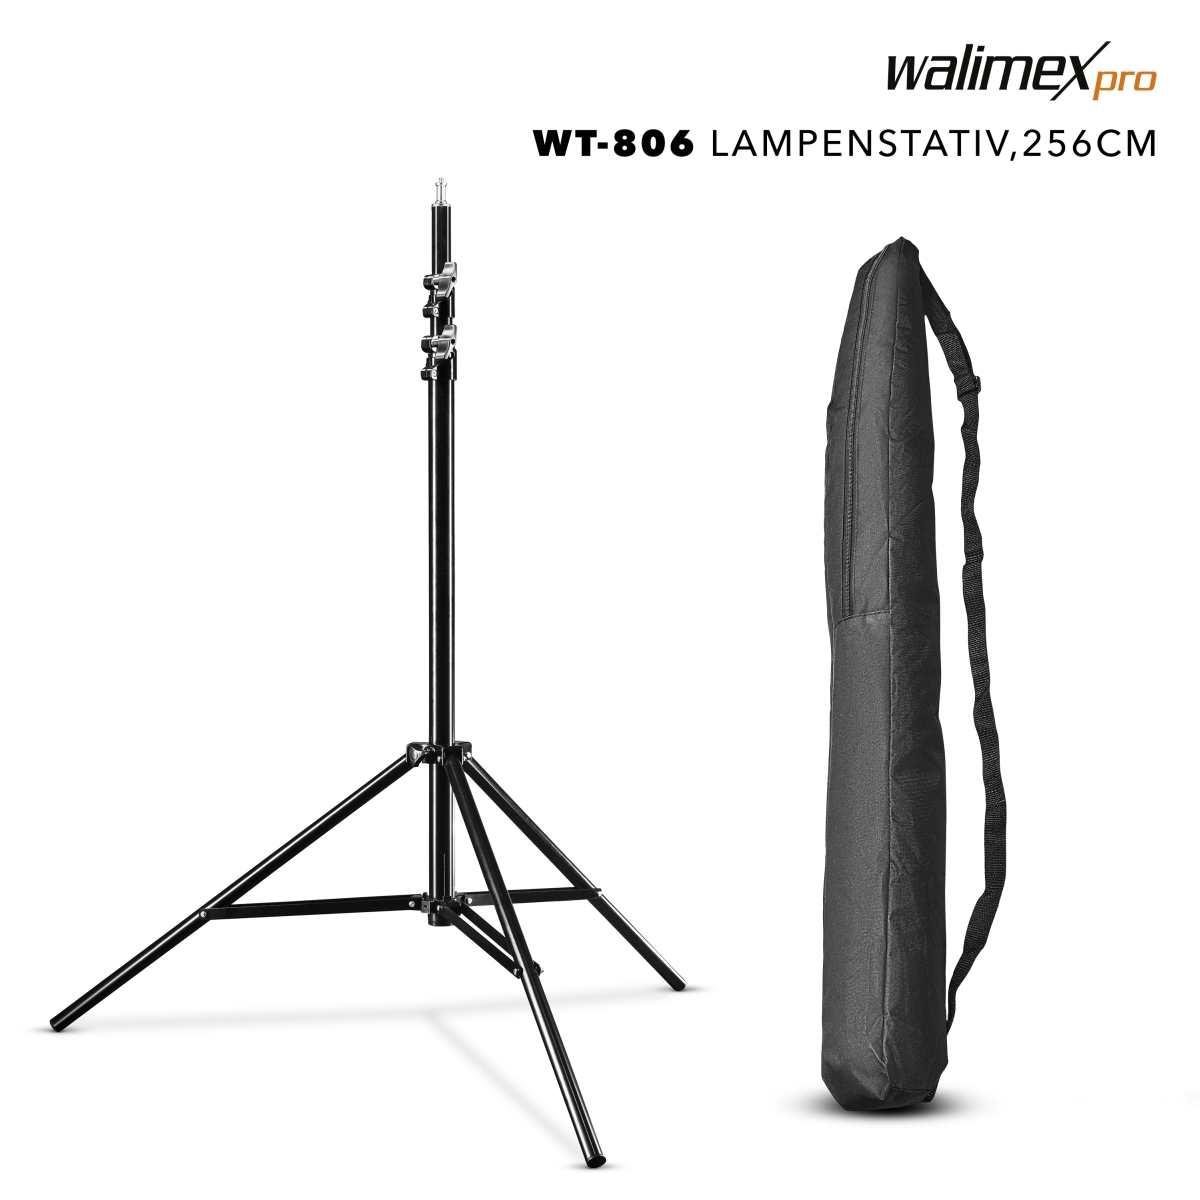 Walimex pro WT-806 Lamp Tripod, 256cm